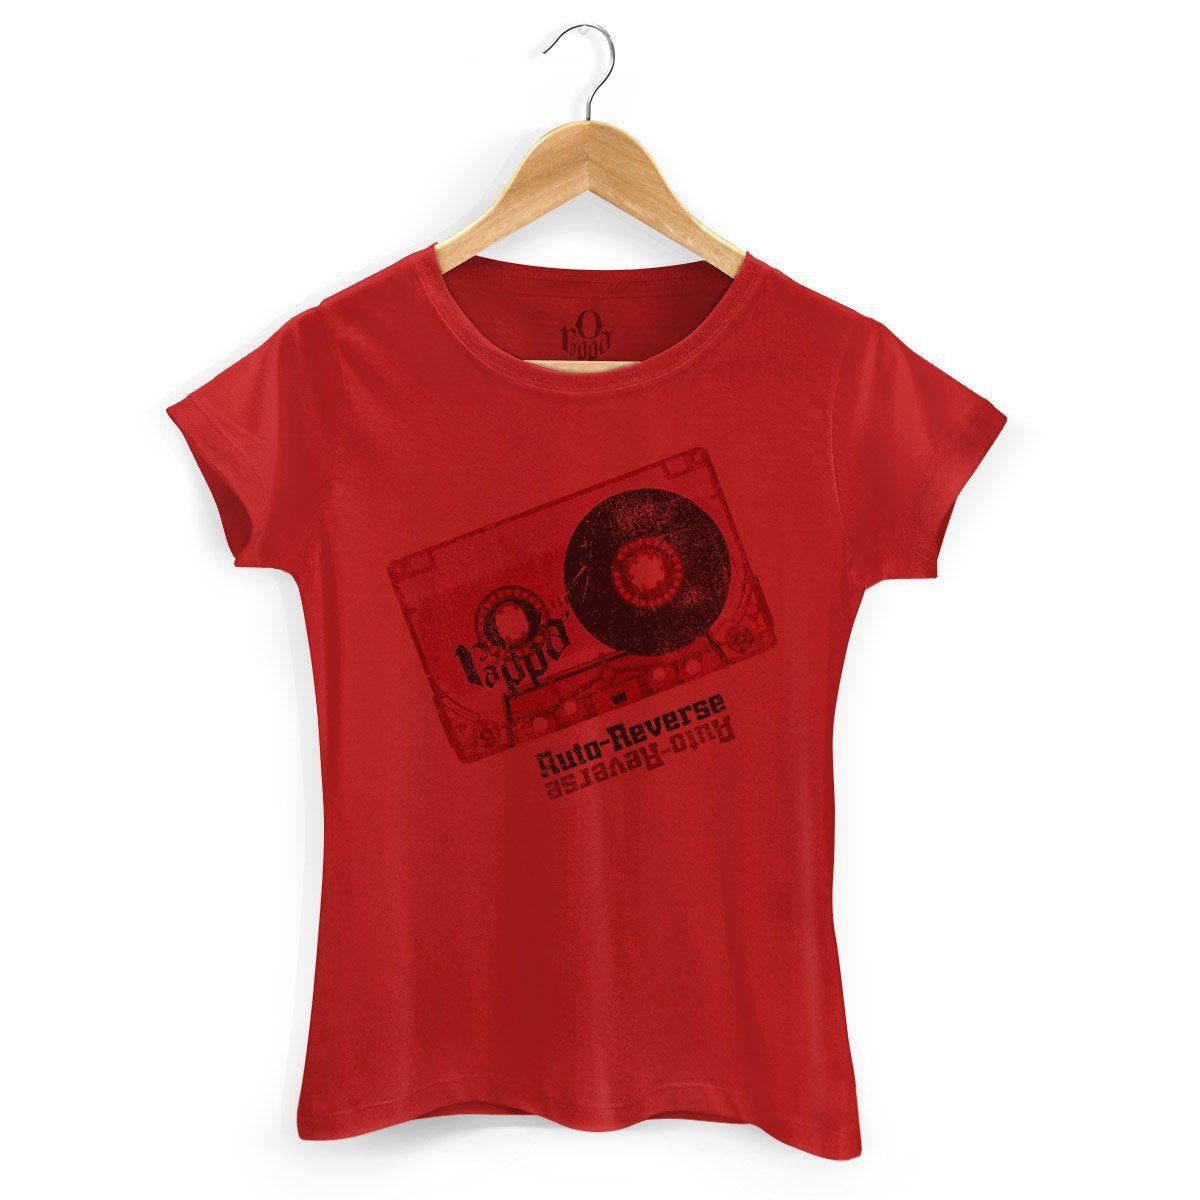 Camiseta Feminina O Rappa Auto-Reverse Vermelha  - bandUP Store Marketplace